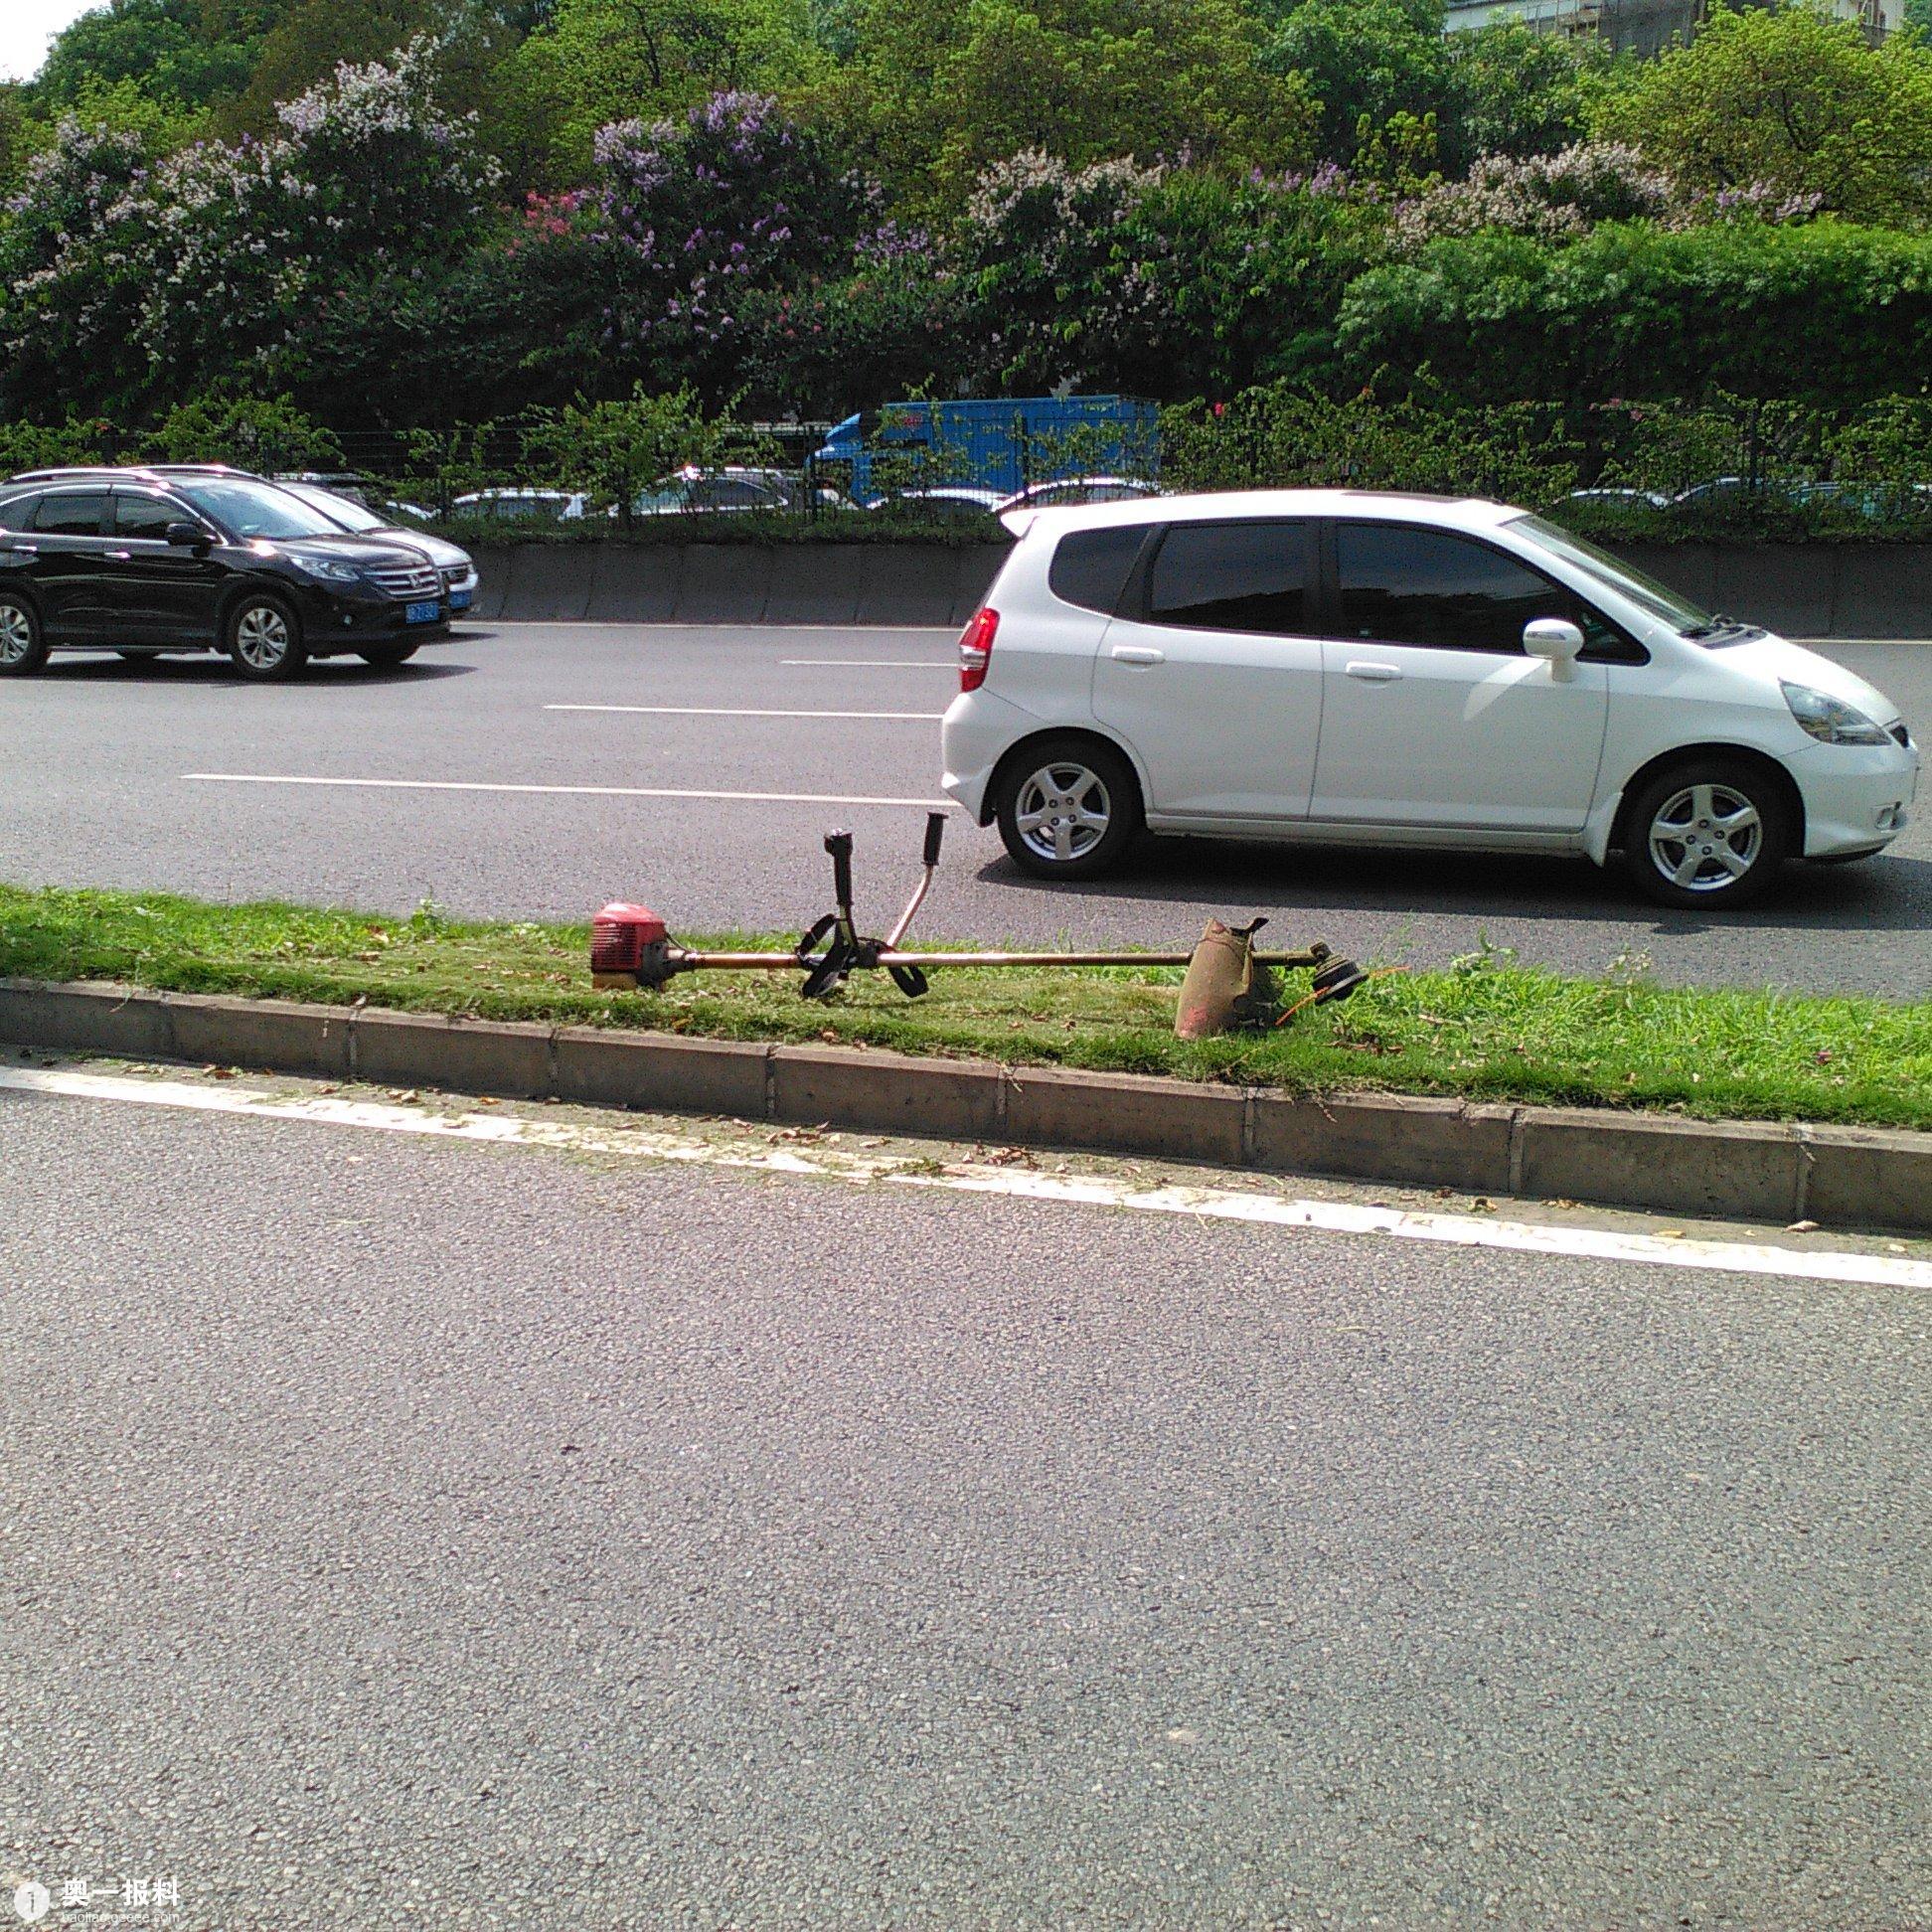 一辆宝马车正在正常行驶,突然被一块石头击中,驾驶位车窗玻璃被击中.